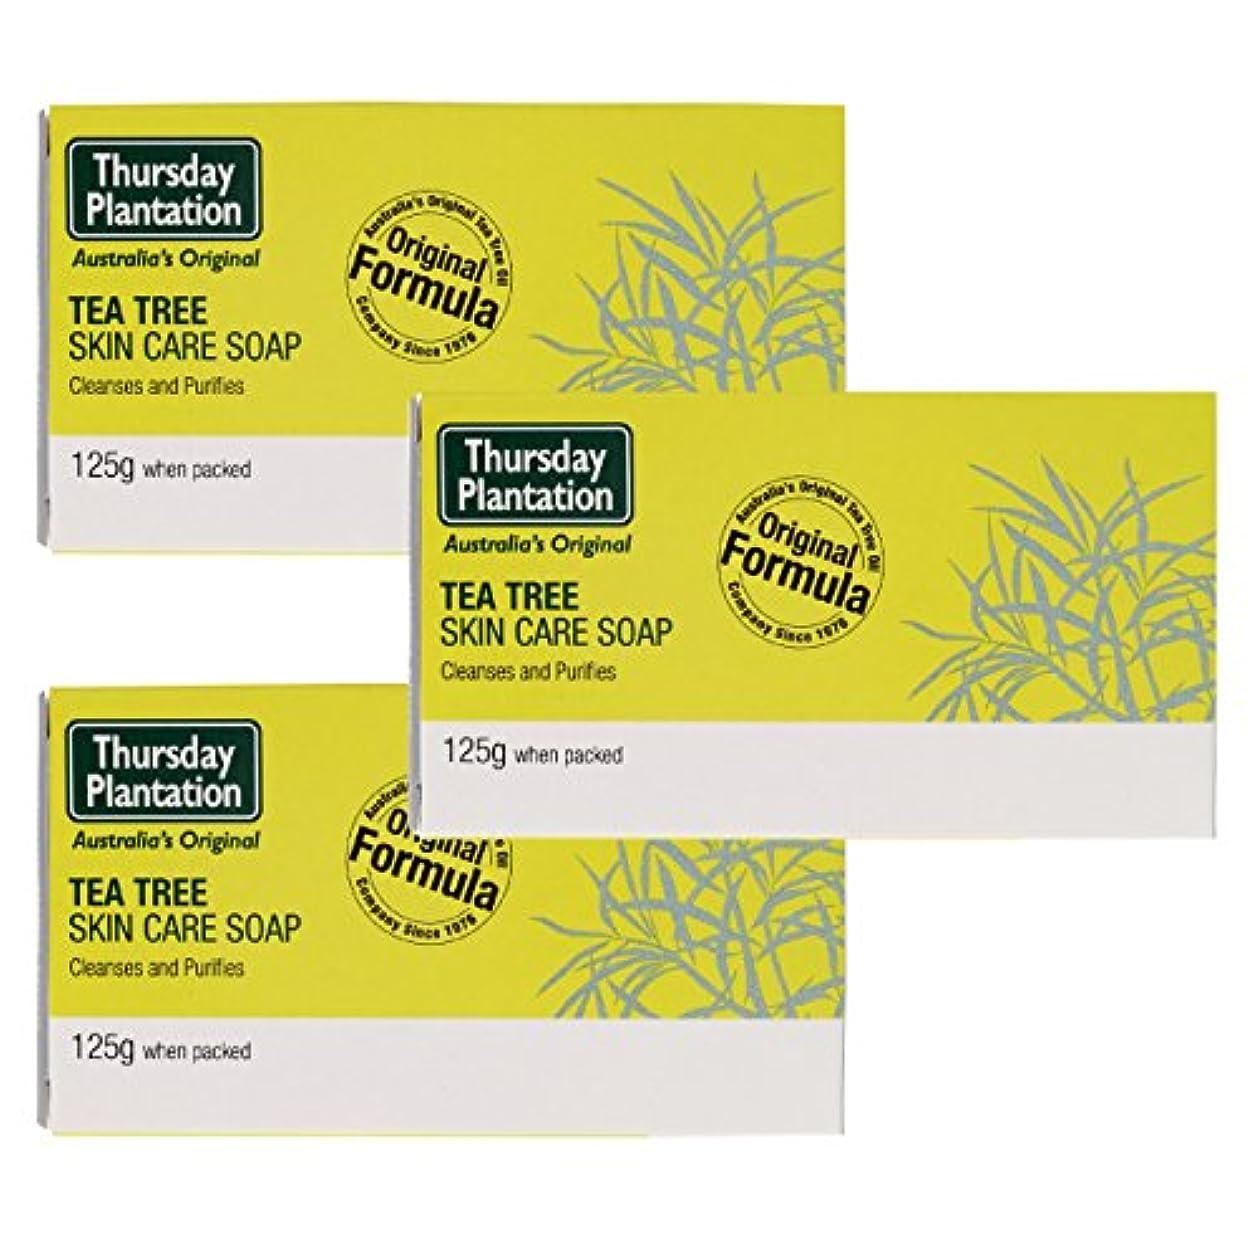 成熟消えるブラジャーティーツリー スキンケア ソープ 125g x3 Thursday Plantation Tea Tree Skin Care Soap [並行輸入品]